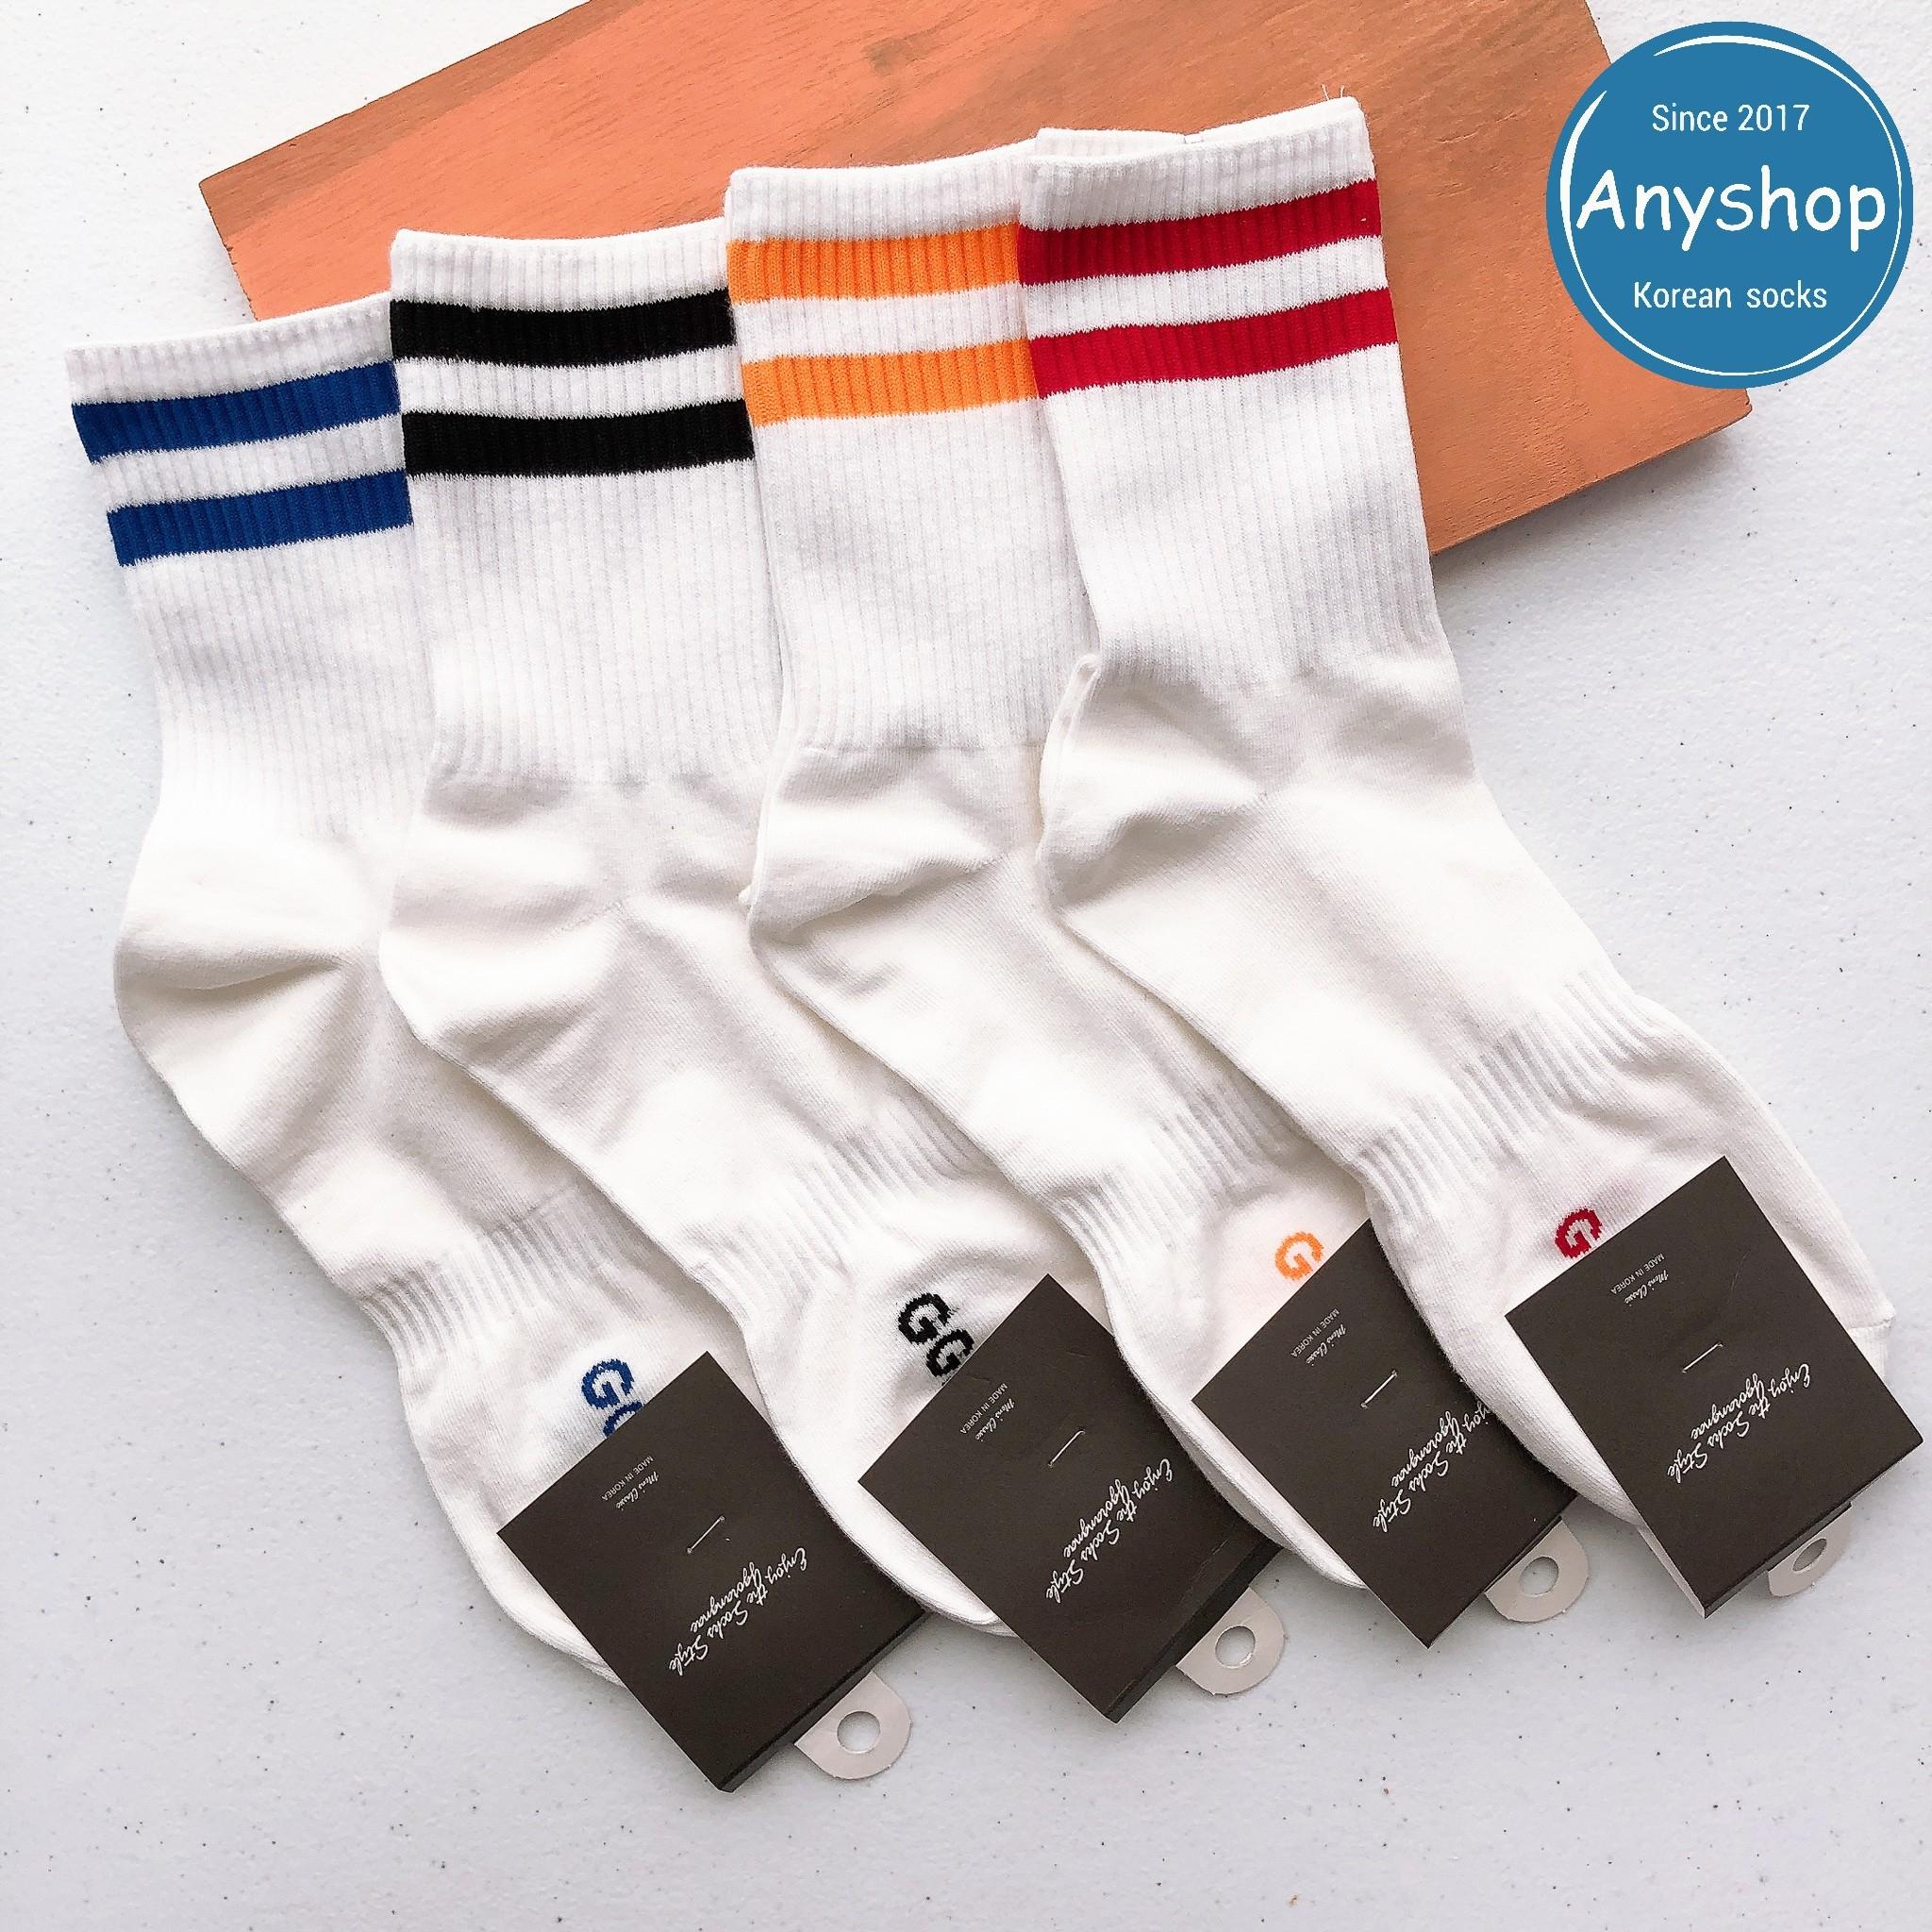 韓國襪-[Anyshop]彩色條紋長襪